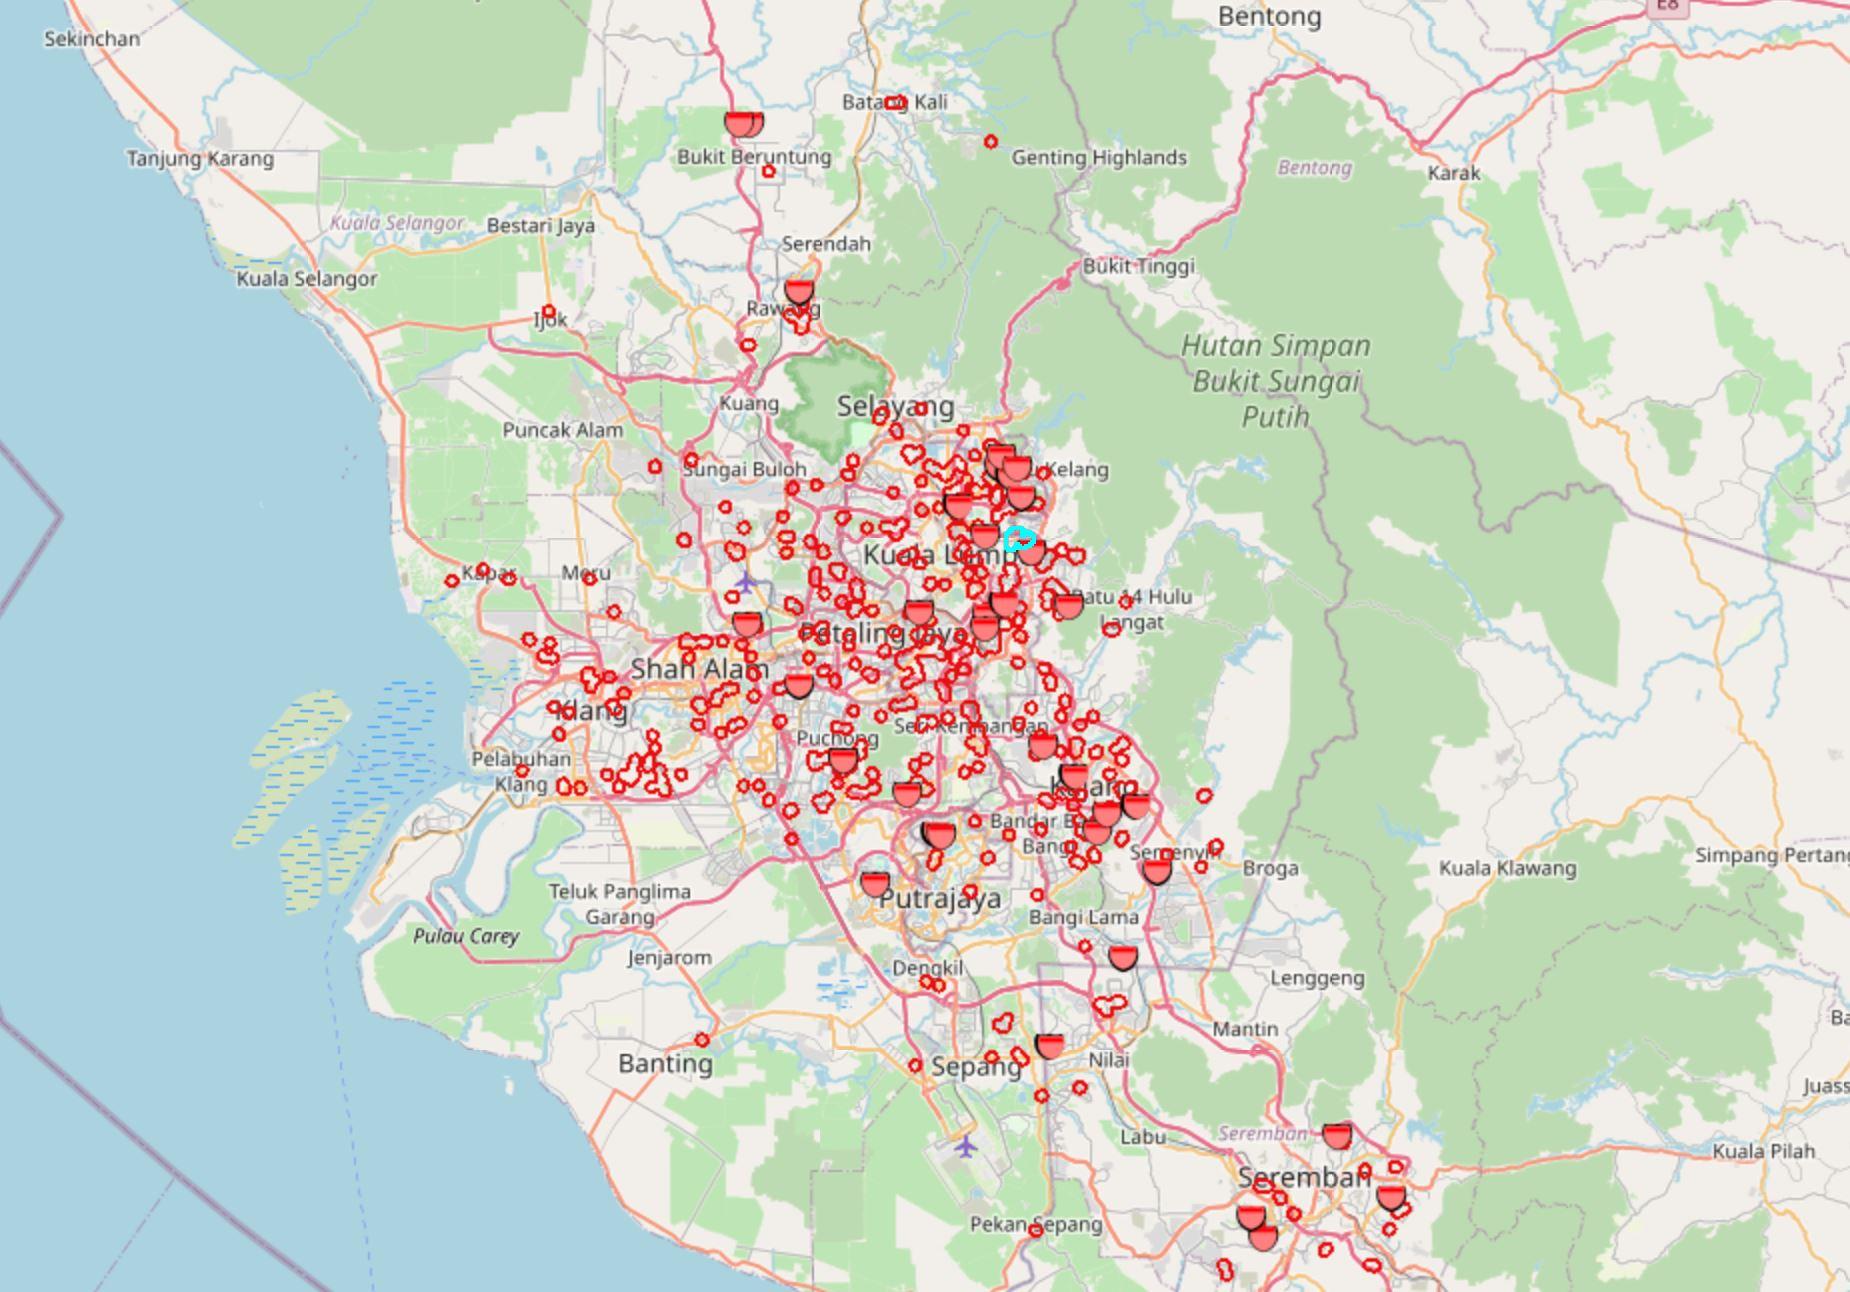 lembah klang kritikal kes demam denggi, hampir semua kawasan dijangkiti